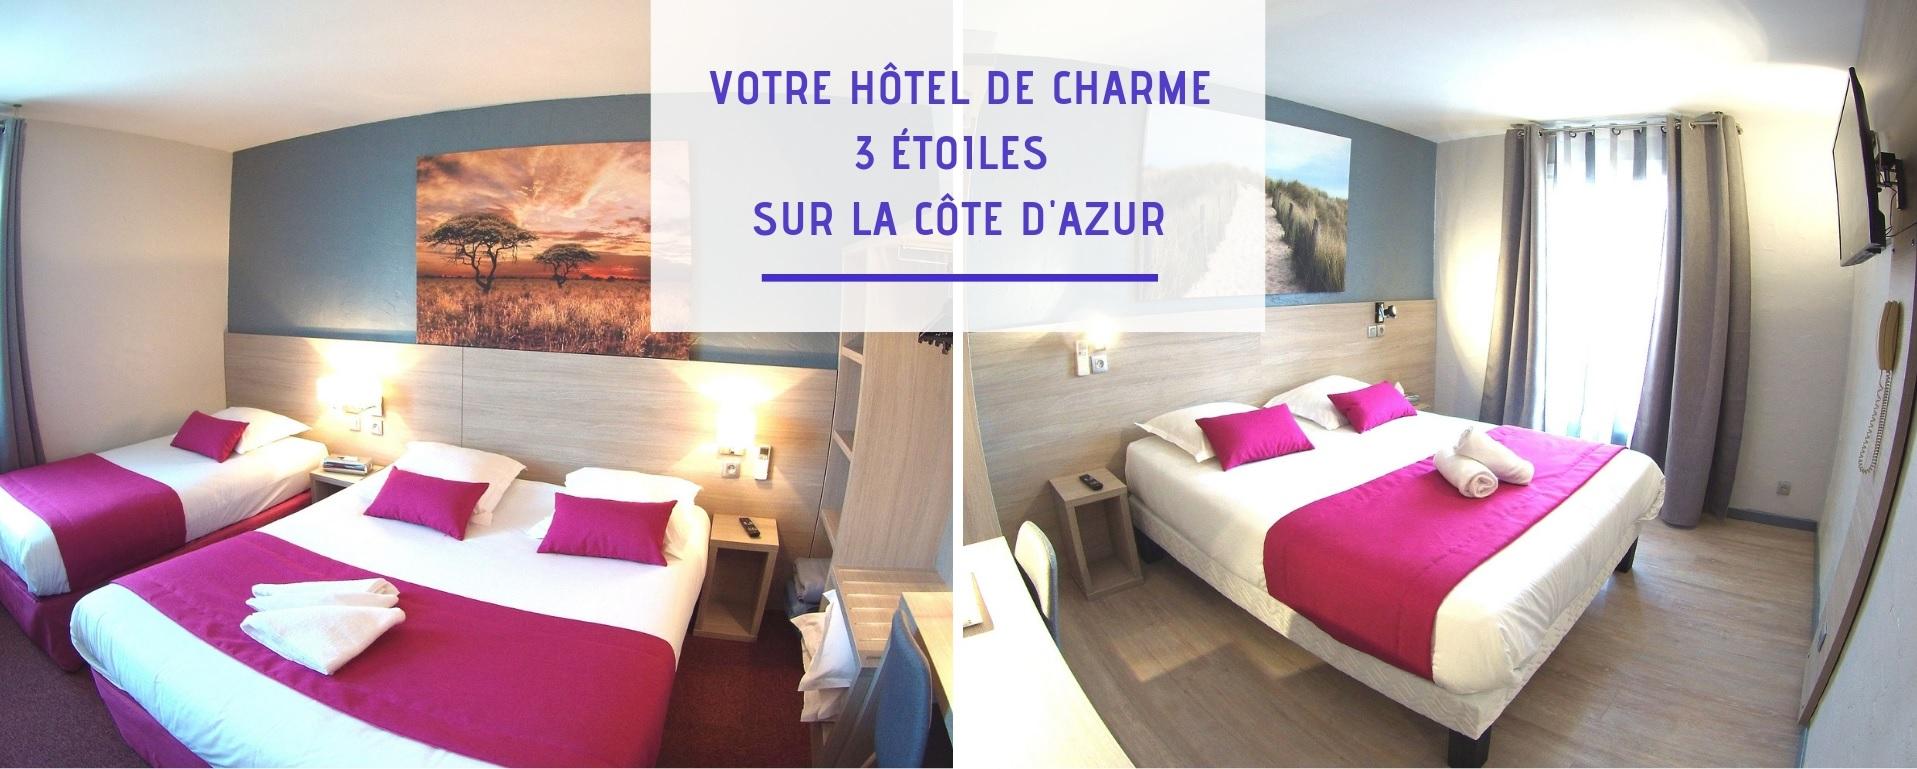 Hotel charme3 1